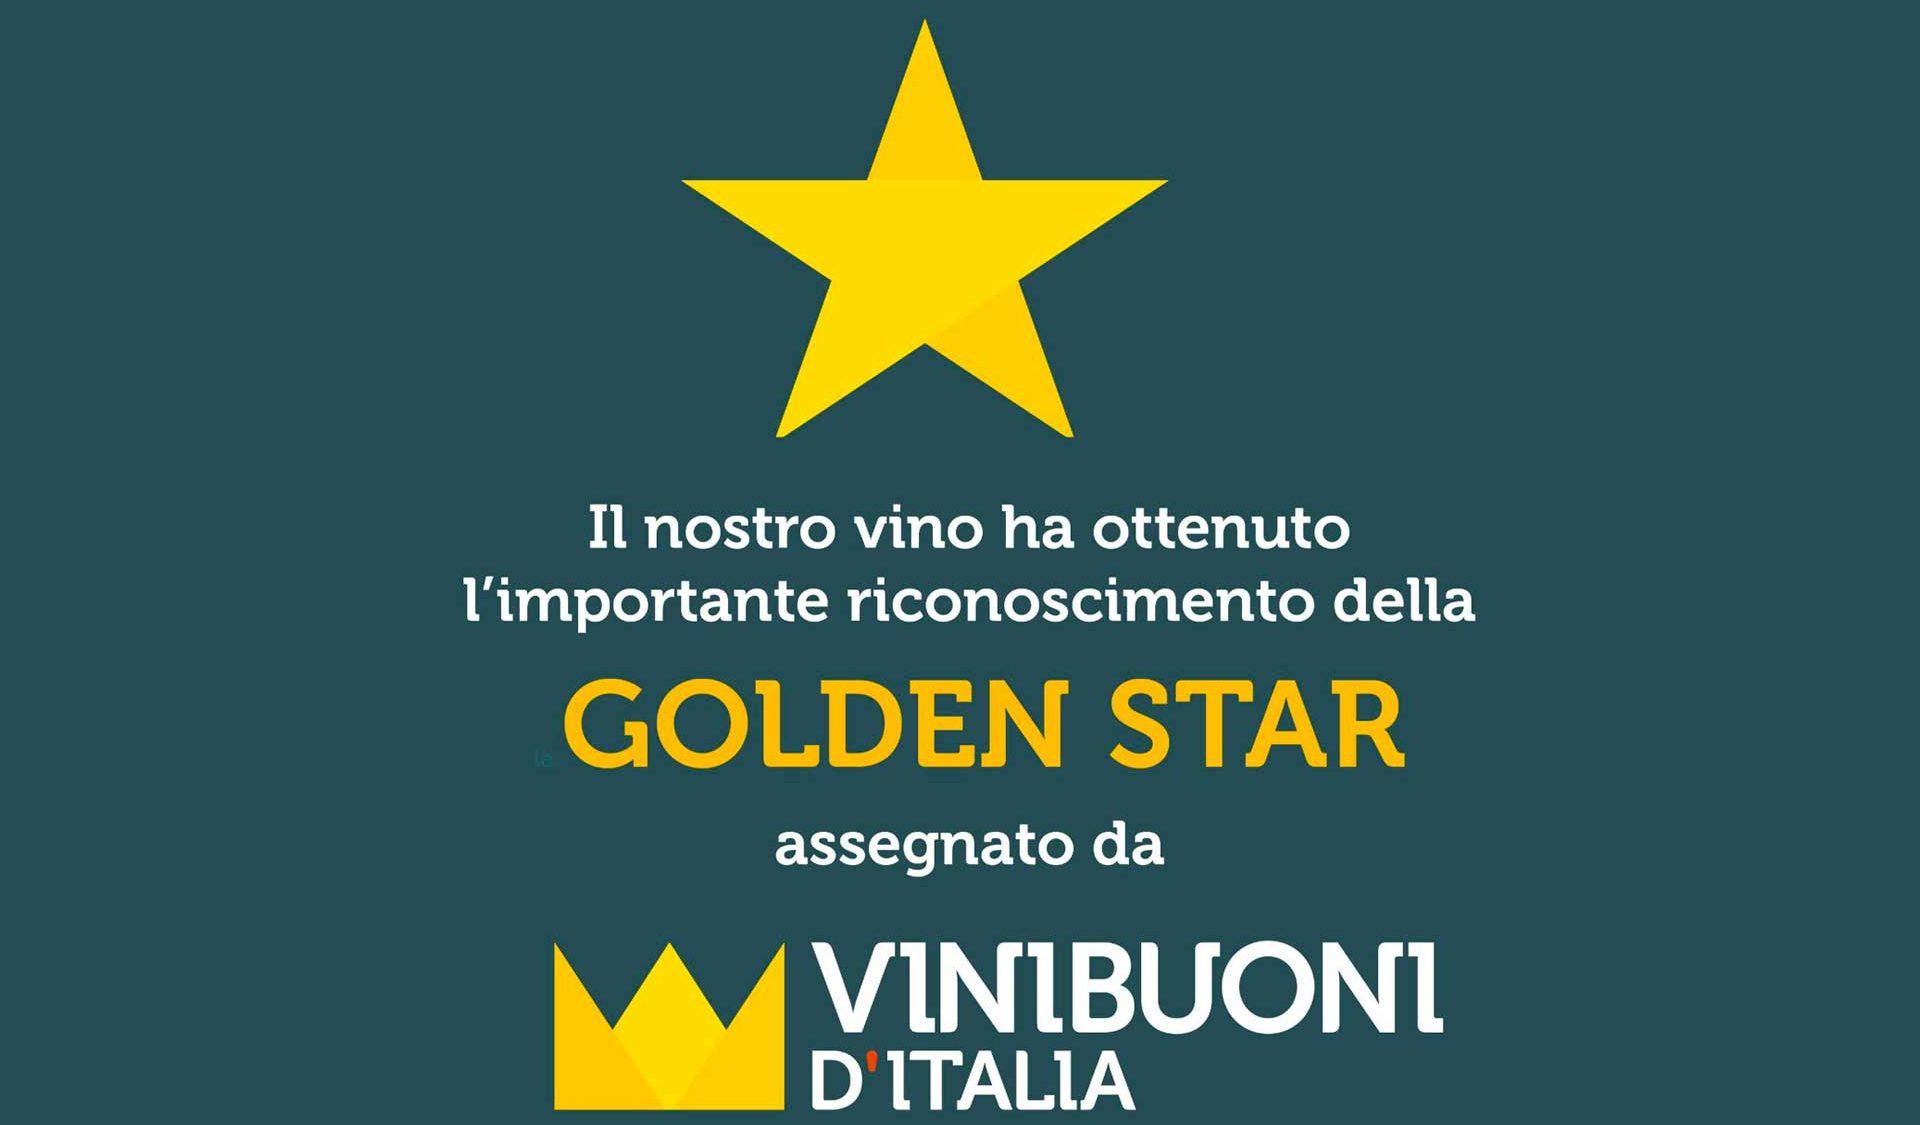 attestato-goldenstar